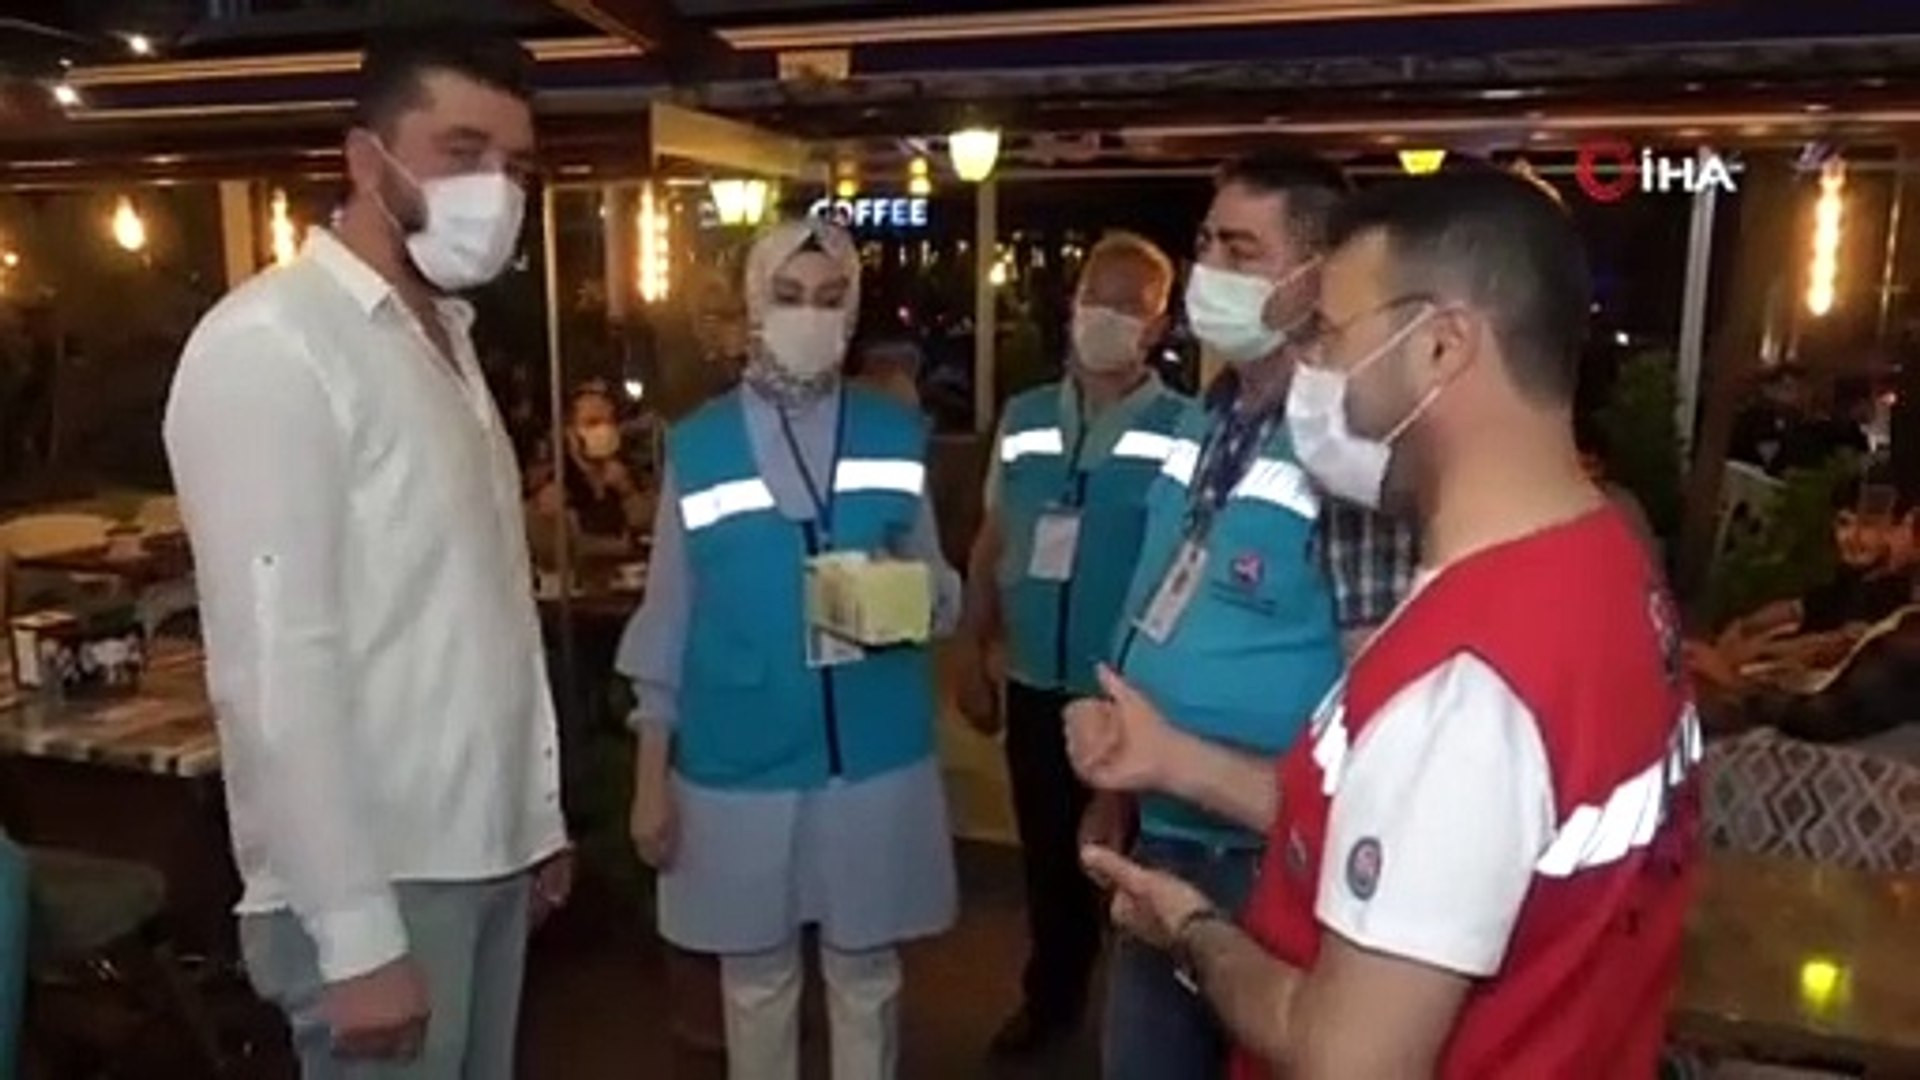 Maske takmamak için sonuna kadar direndi: Yaz cezamı